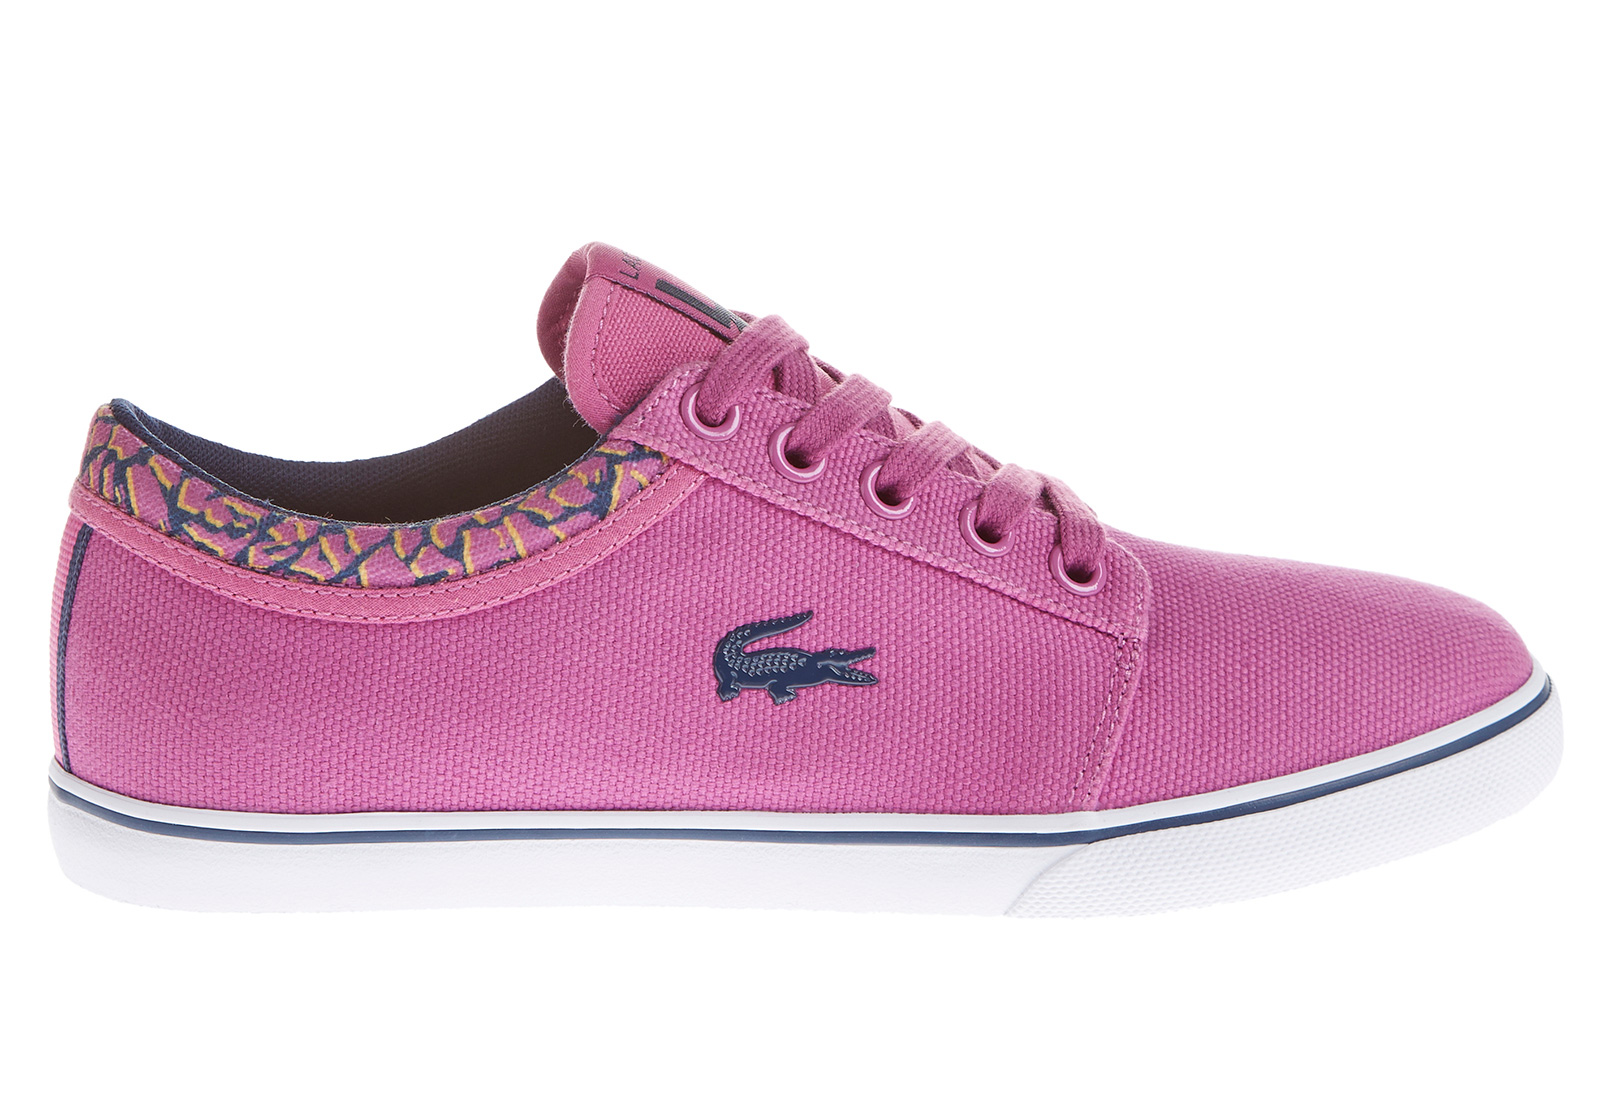 Lacoste Sneakers Vaultstar Sleek Ccs